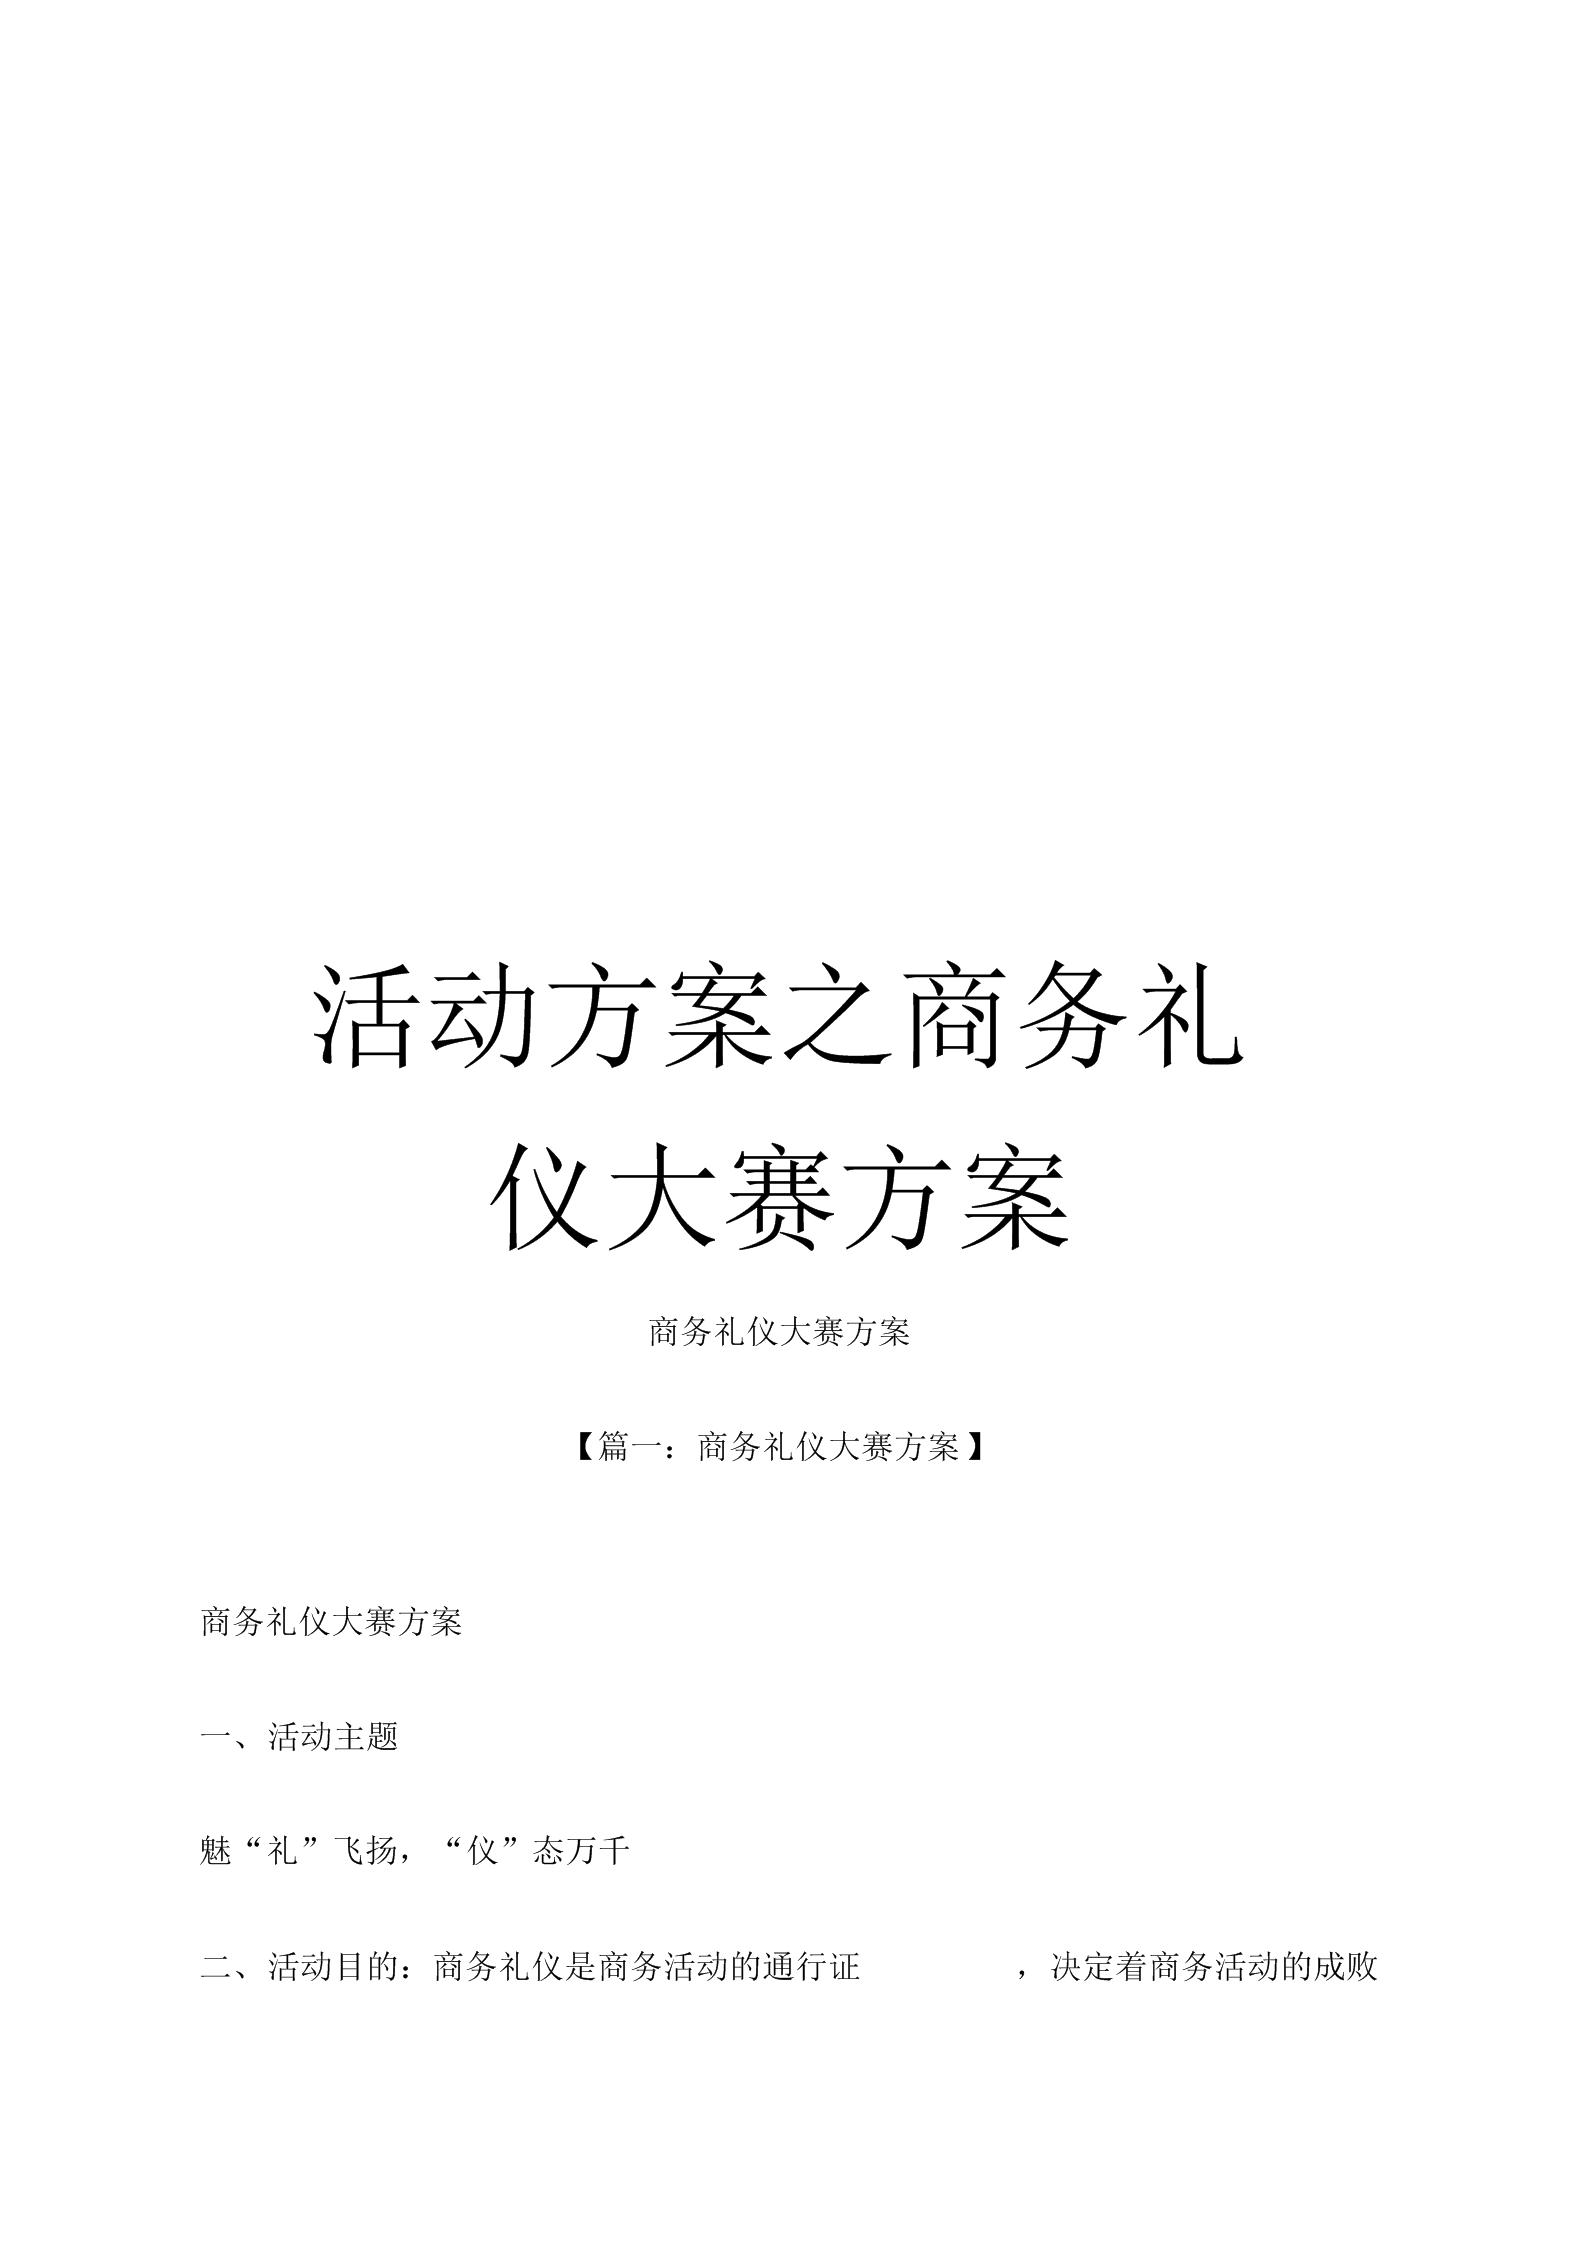 《活动方案之商务礼仪大赛方案》.docx